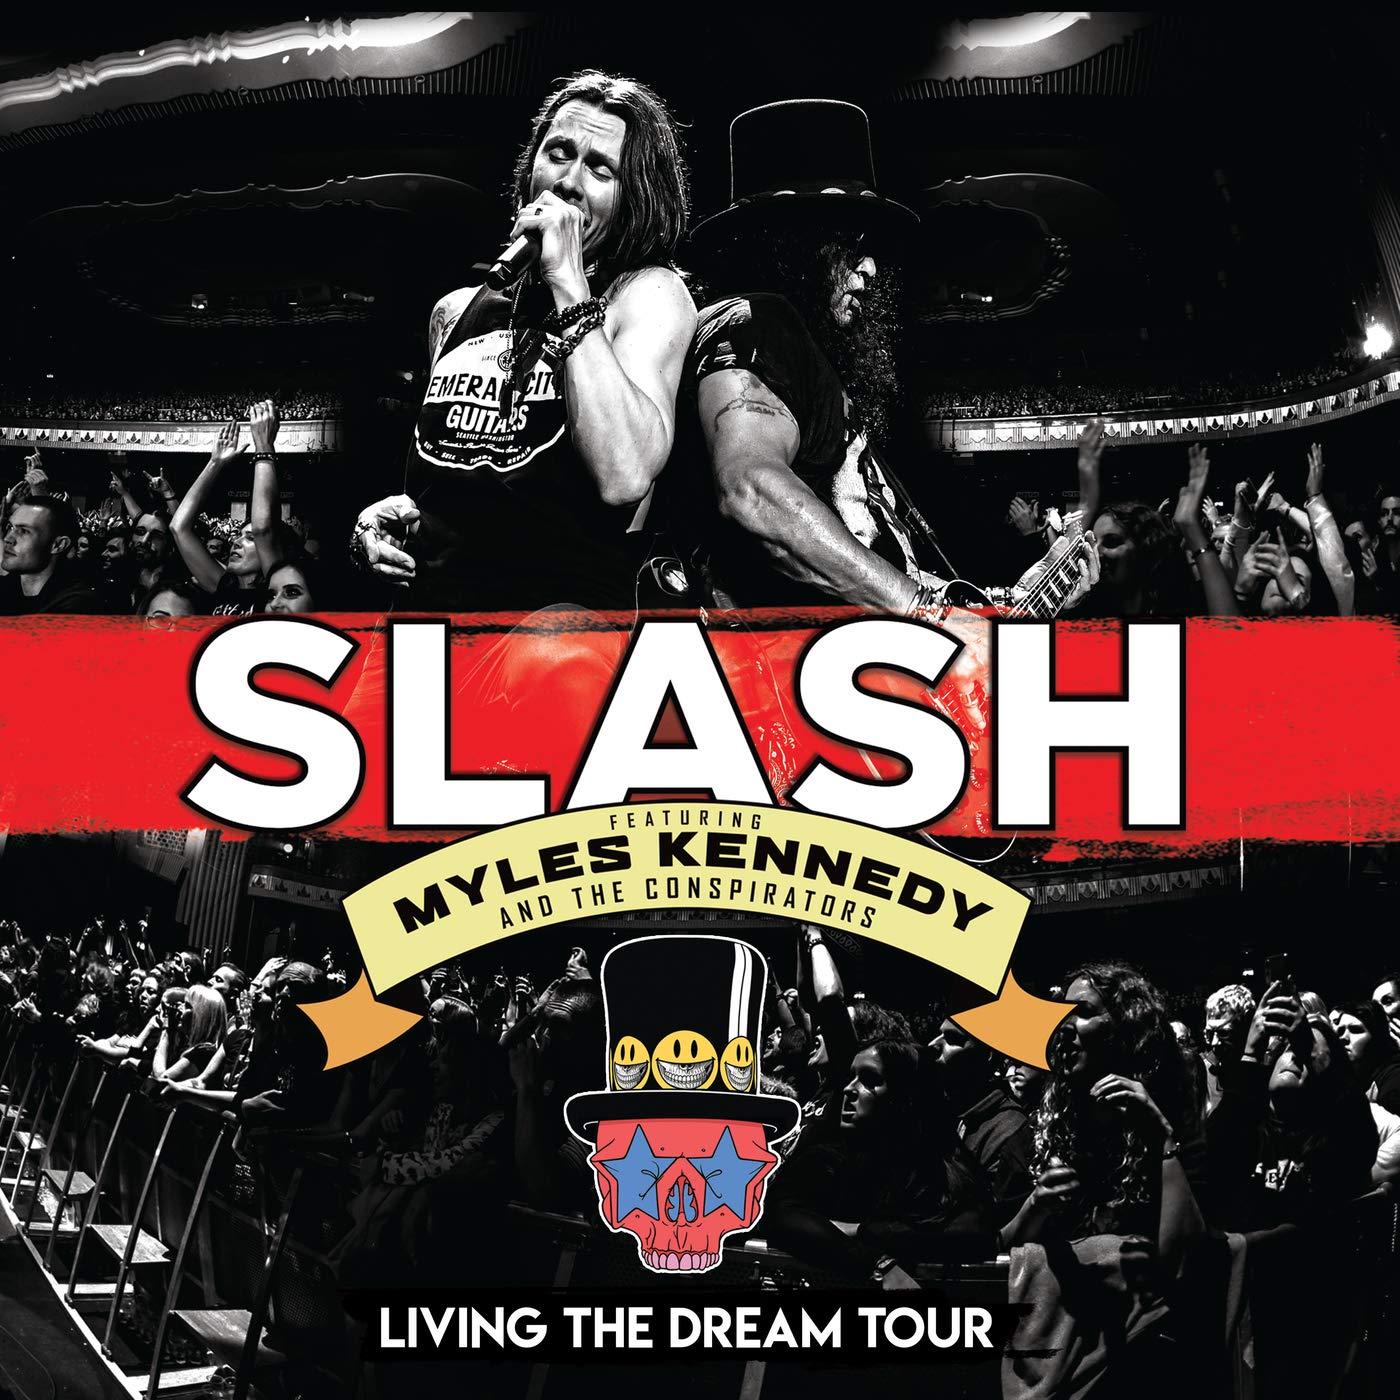 Living the Dream Tour 20lp [Vinyl LP]